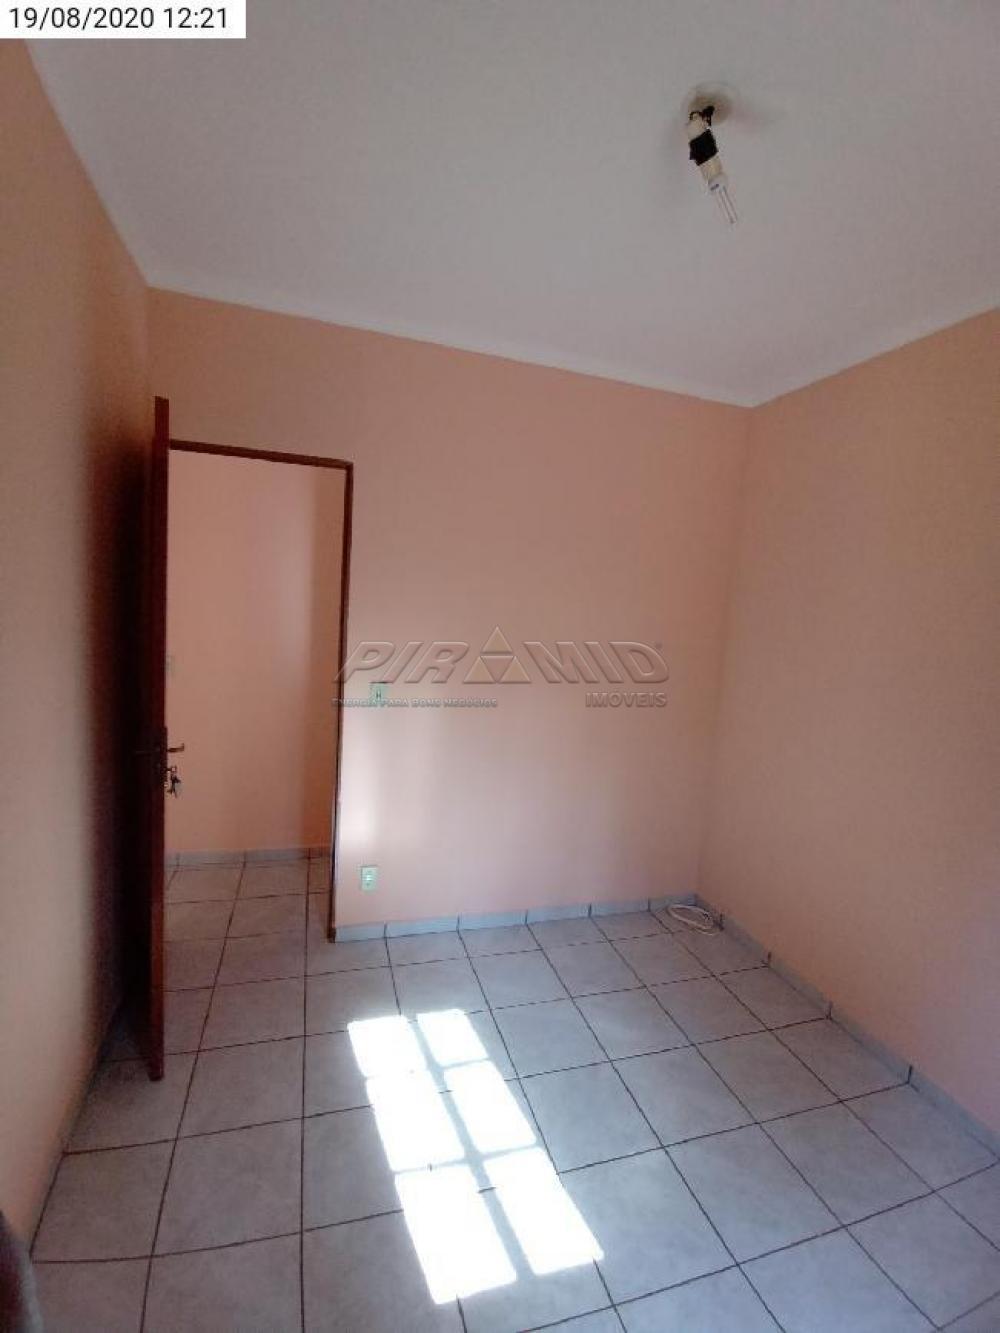 Alugar Apartamento / Padrão em Ribeirão Preto R$ 675,00 - Foto 4